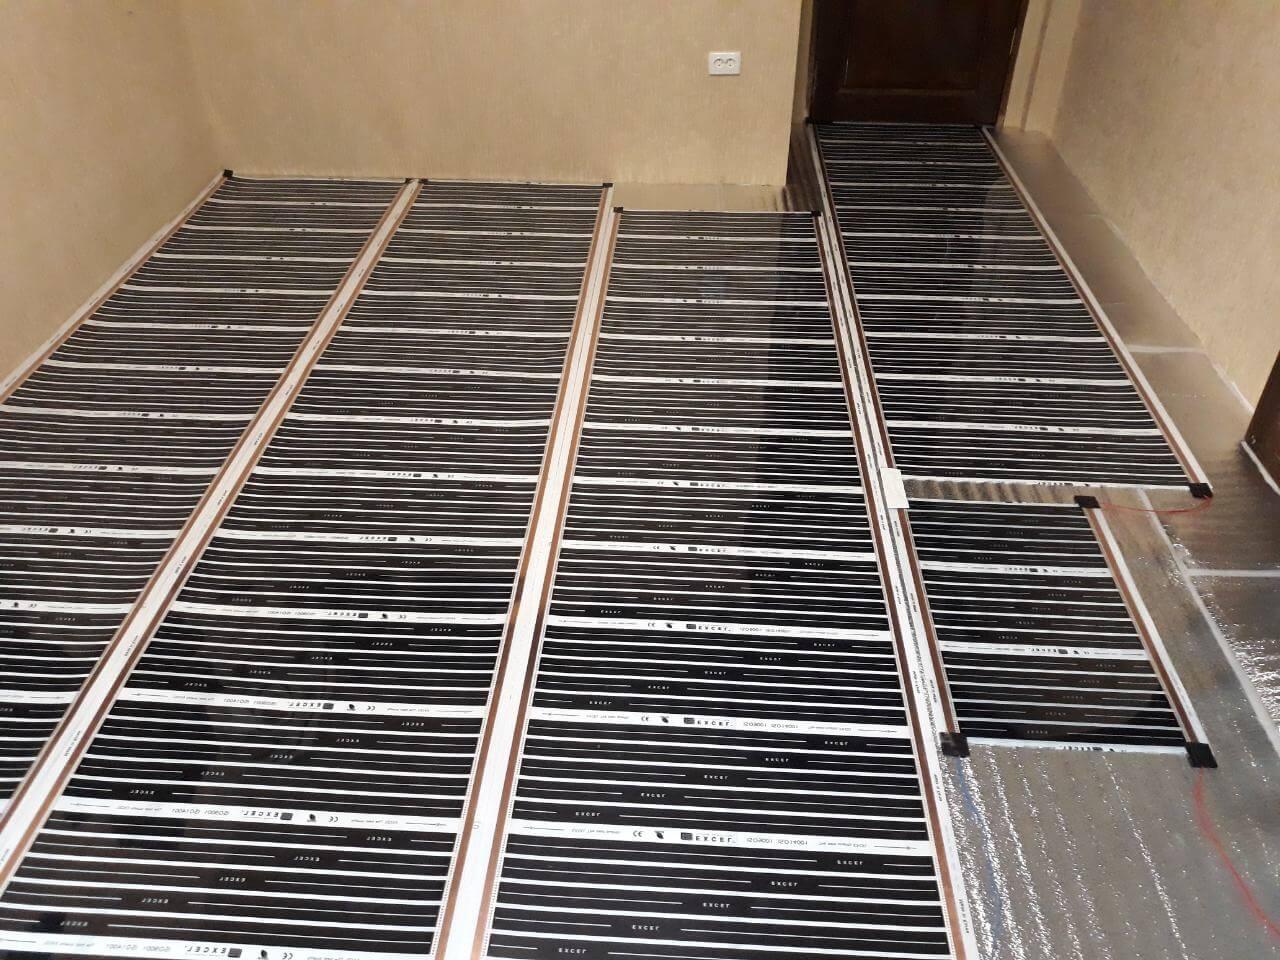 Альтернативное отопление – плёночный тёплый пол. отзывы, расход электроэнергии, преимущества и недостатки